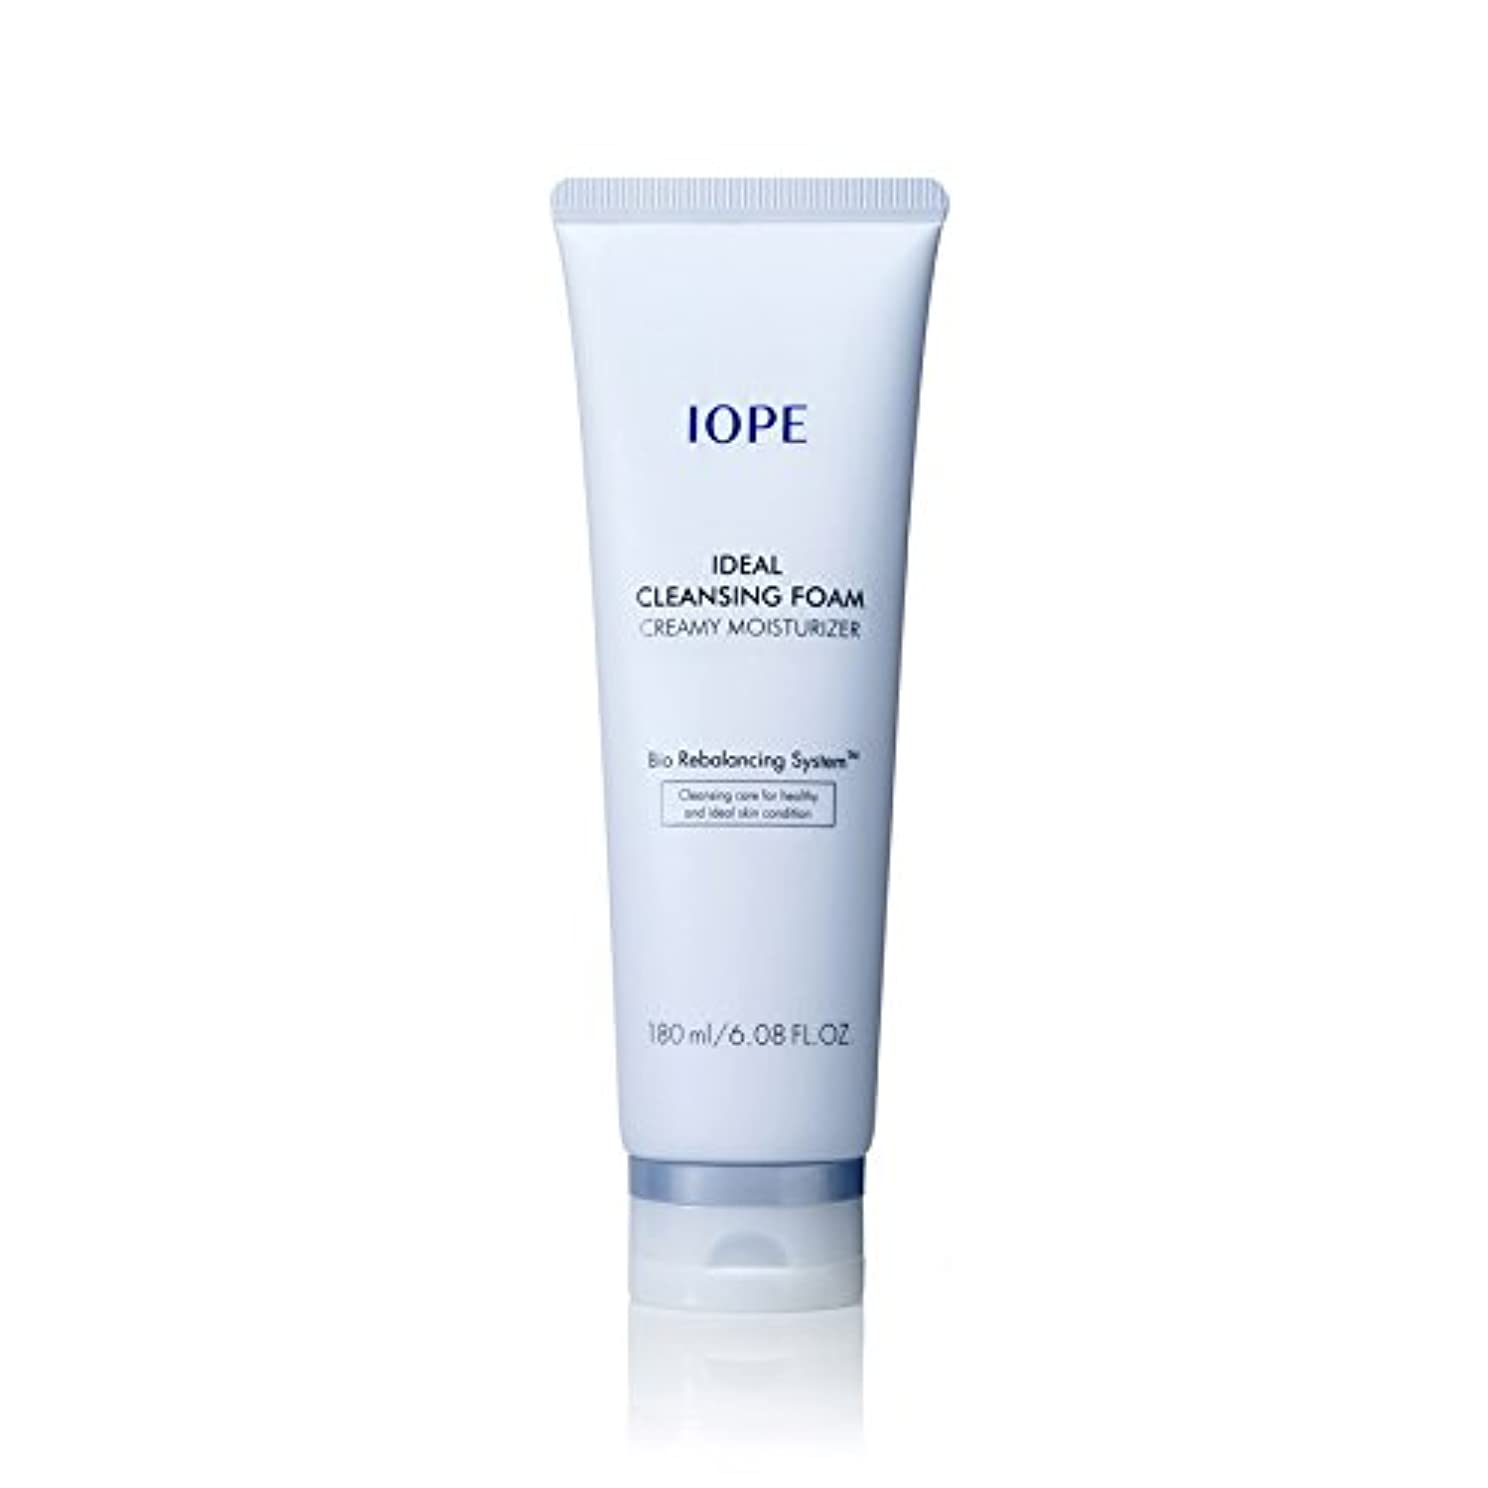 気配りのある不足治す[New Ver.] IOPE Ideal Cleansing Foam Creamy Moisturizer 180ml/アイオペ アイディアル クレンジングフォーム クリーミー モイスチャライザー 180ml [並行輸入品]